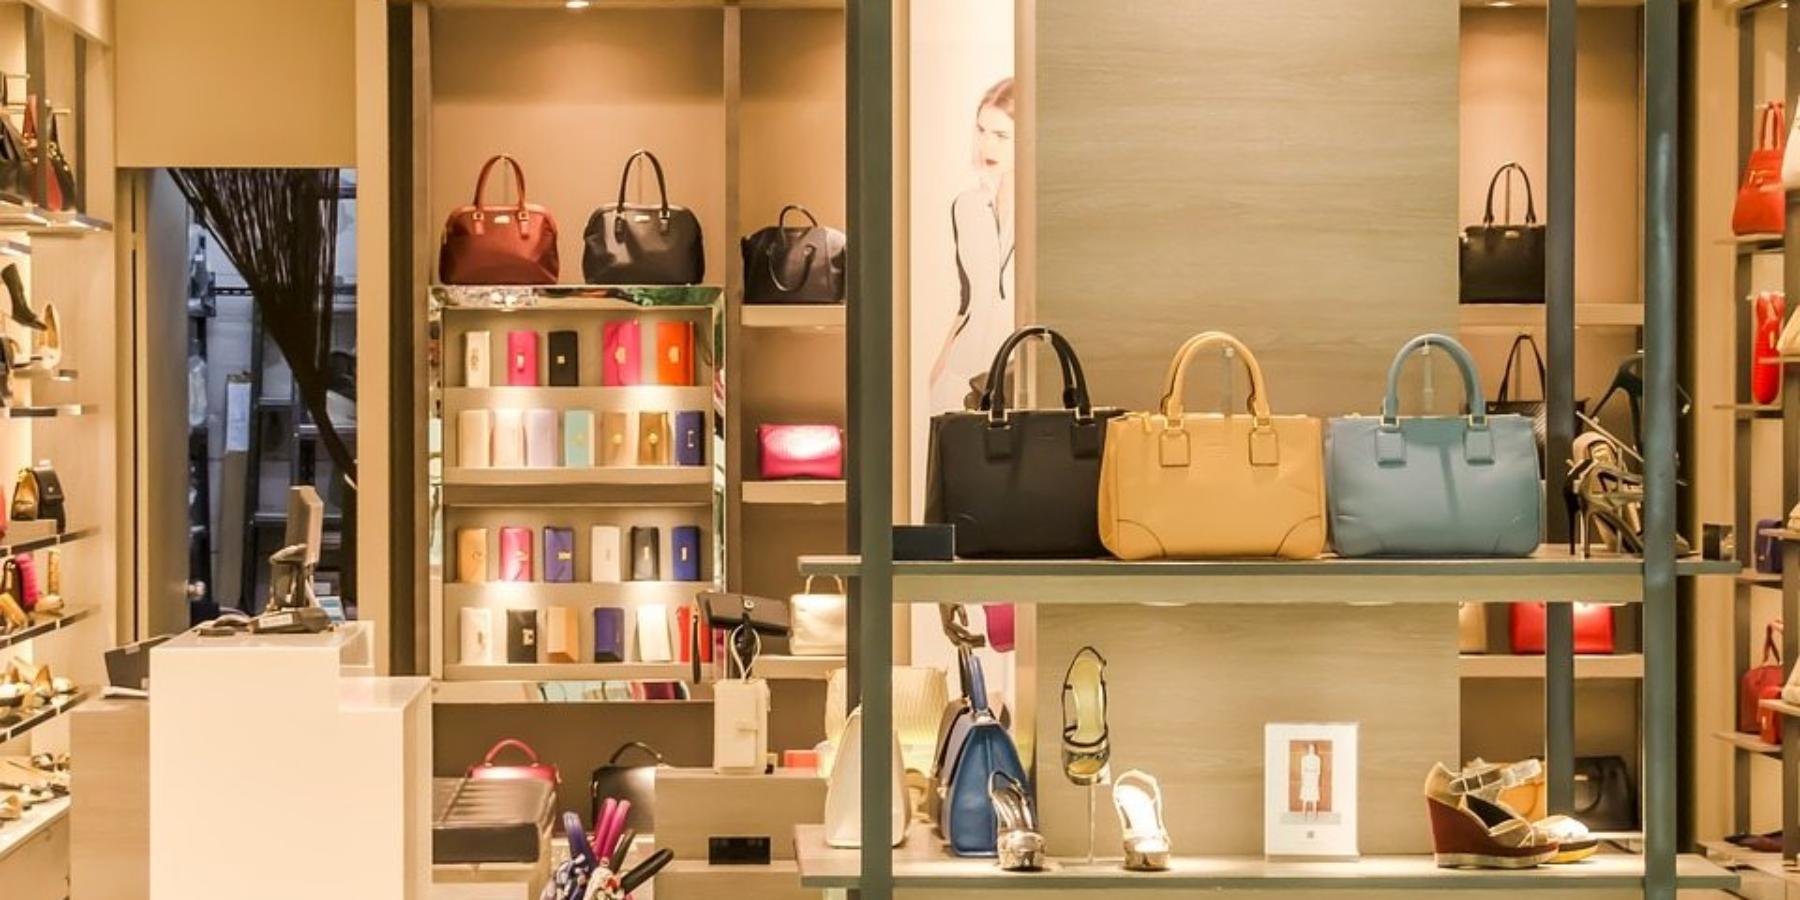 Klucz dosukcesu: Zalando, największy sklep internetowy wEuropie